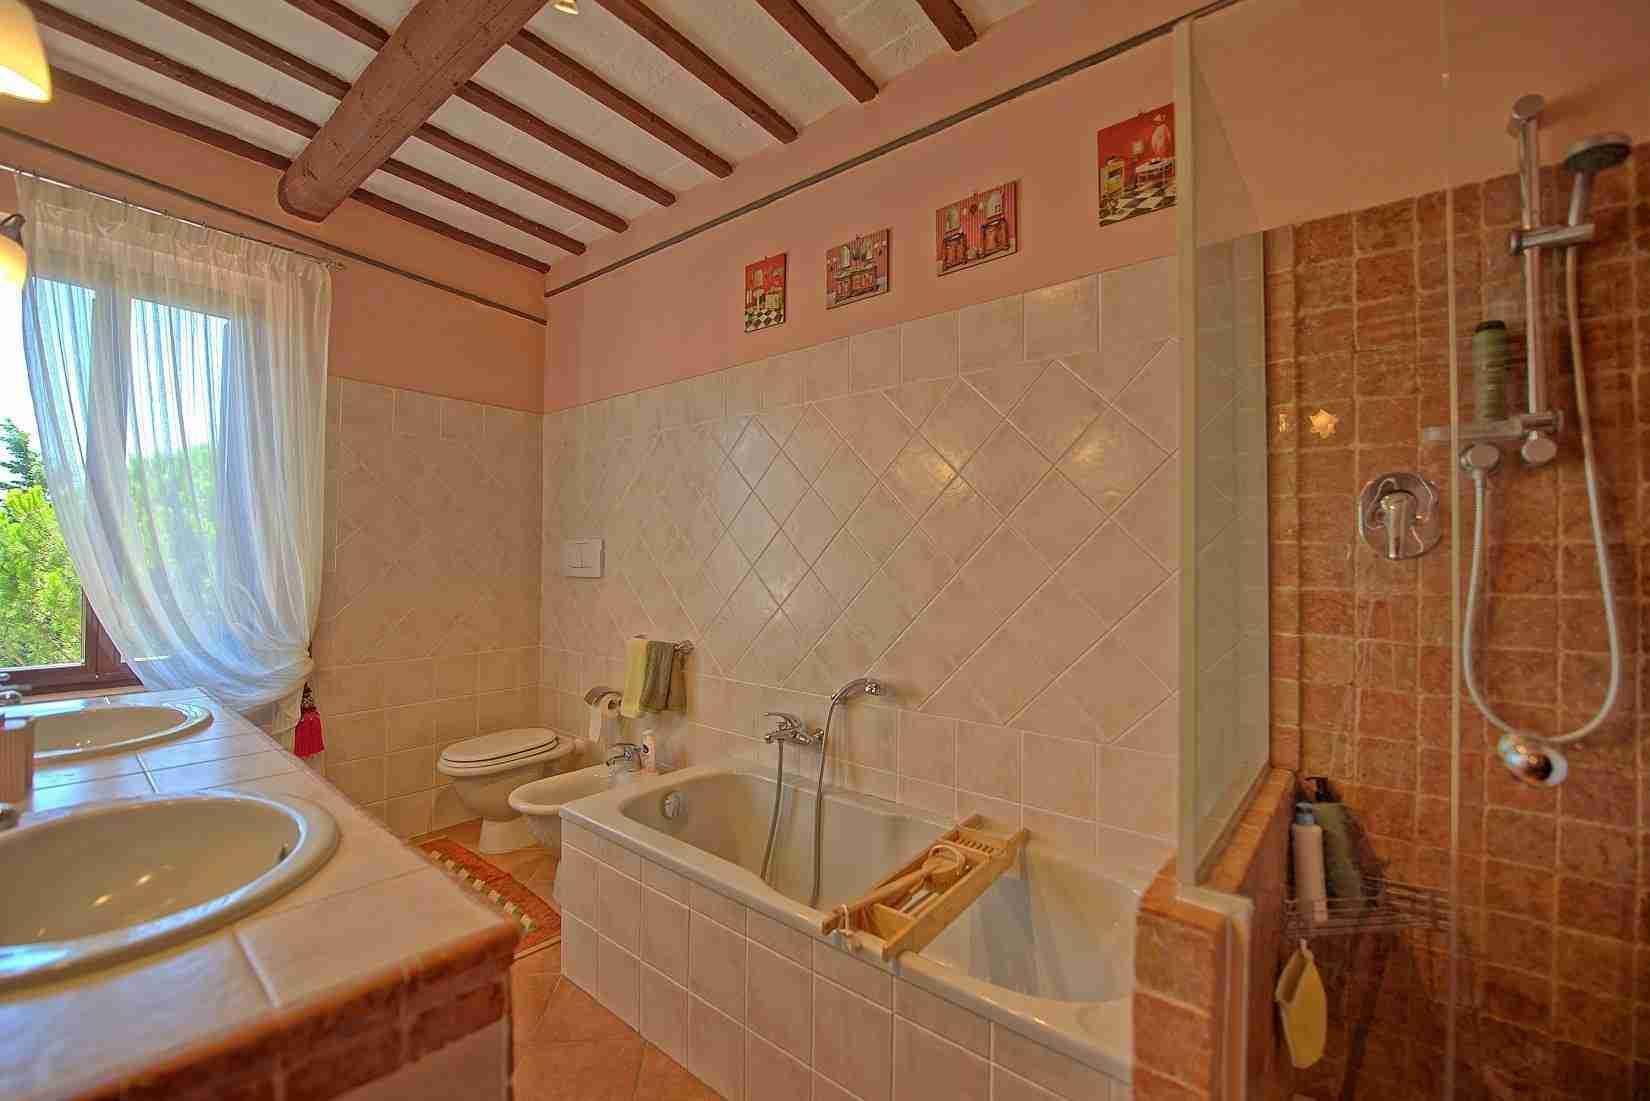 20 Clara bathroom